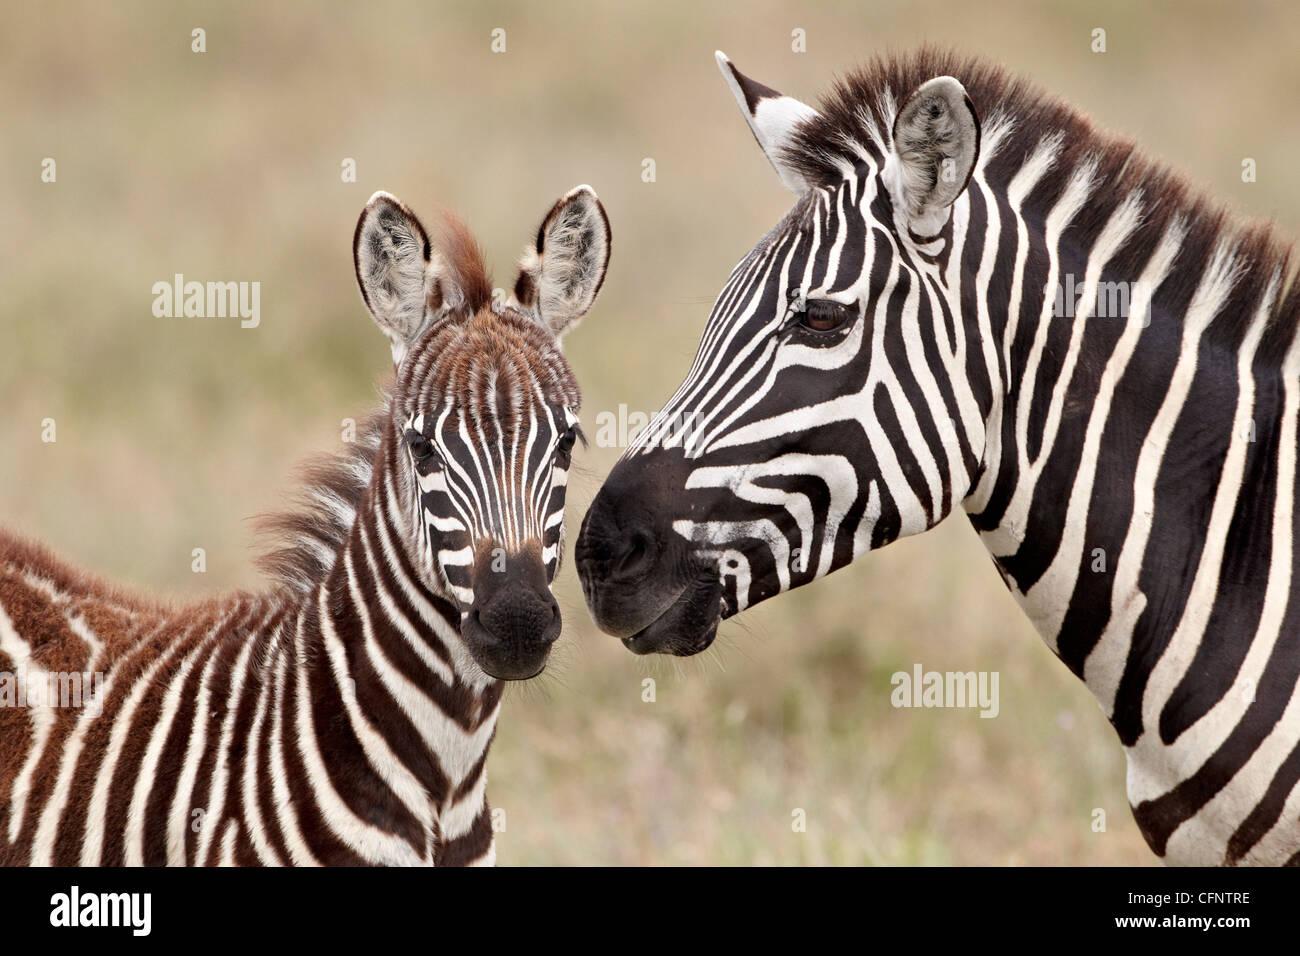 Comune o zebra Burchell's zebra (Equus burchelli) puledro e mare, parco nazionale del Serengeti, Tanzania, Africa Immagini Stock